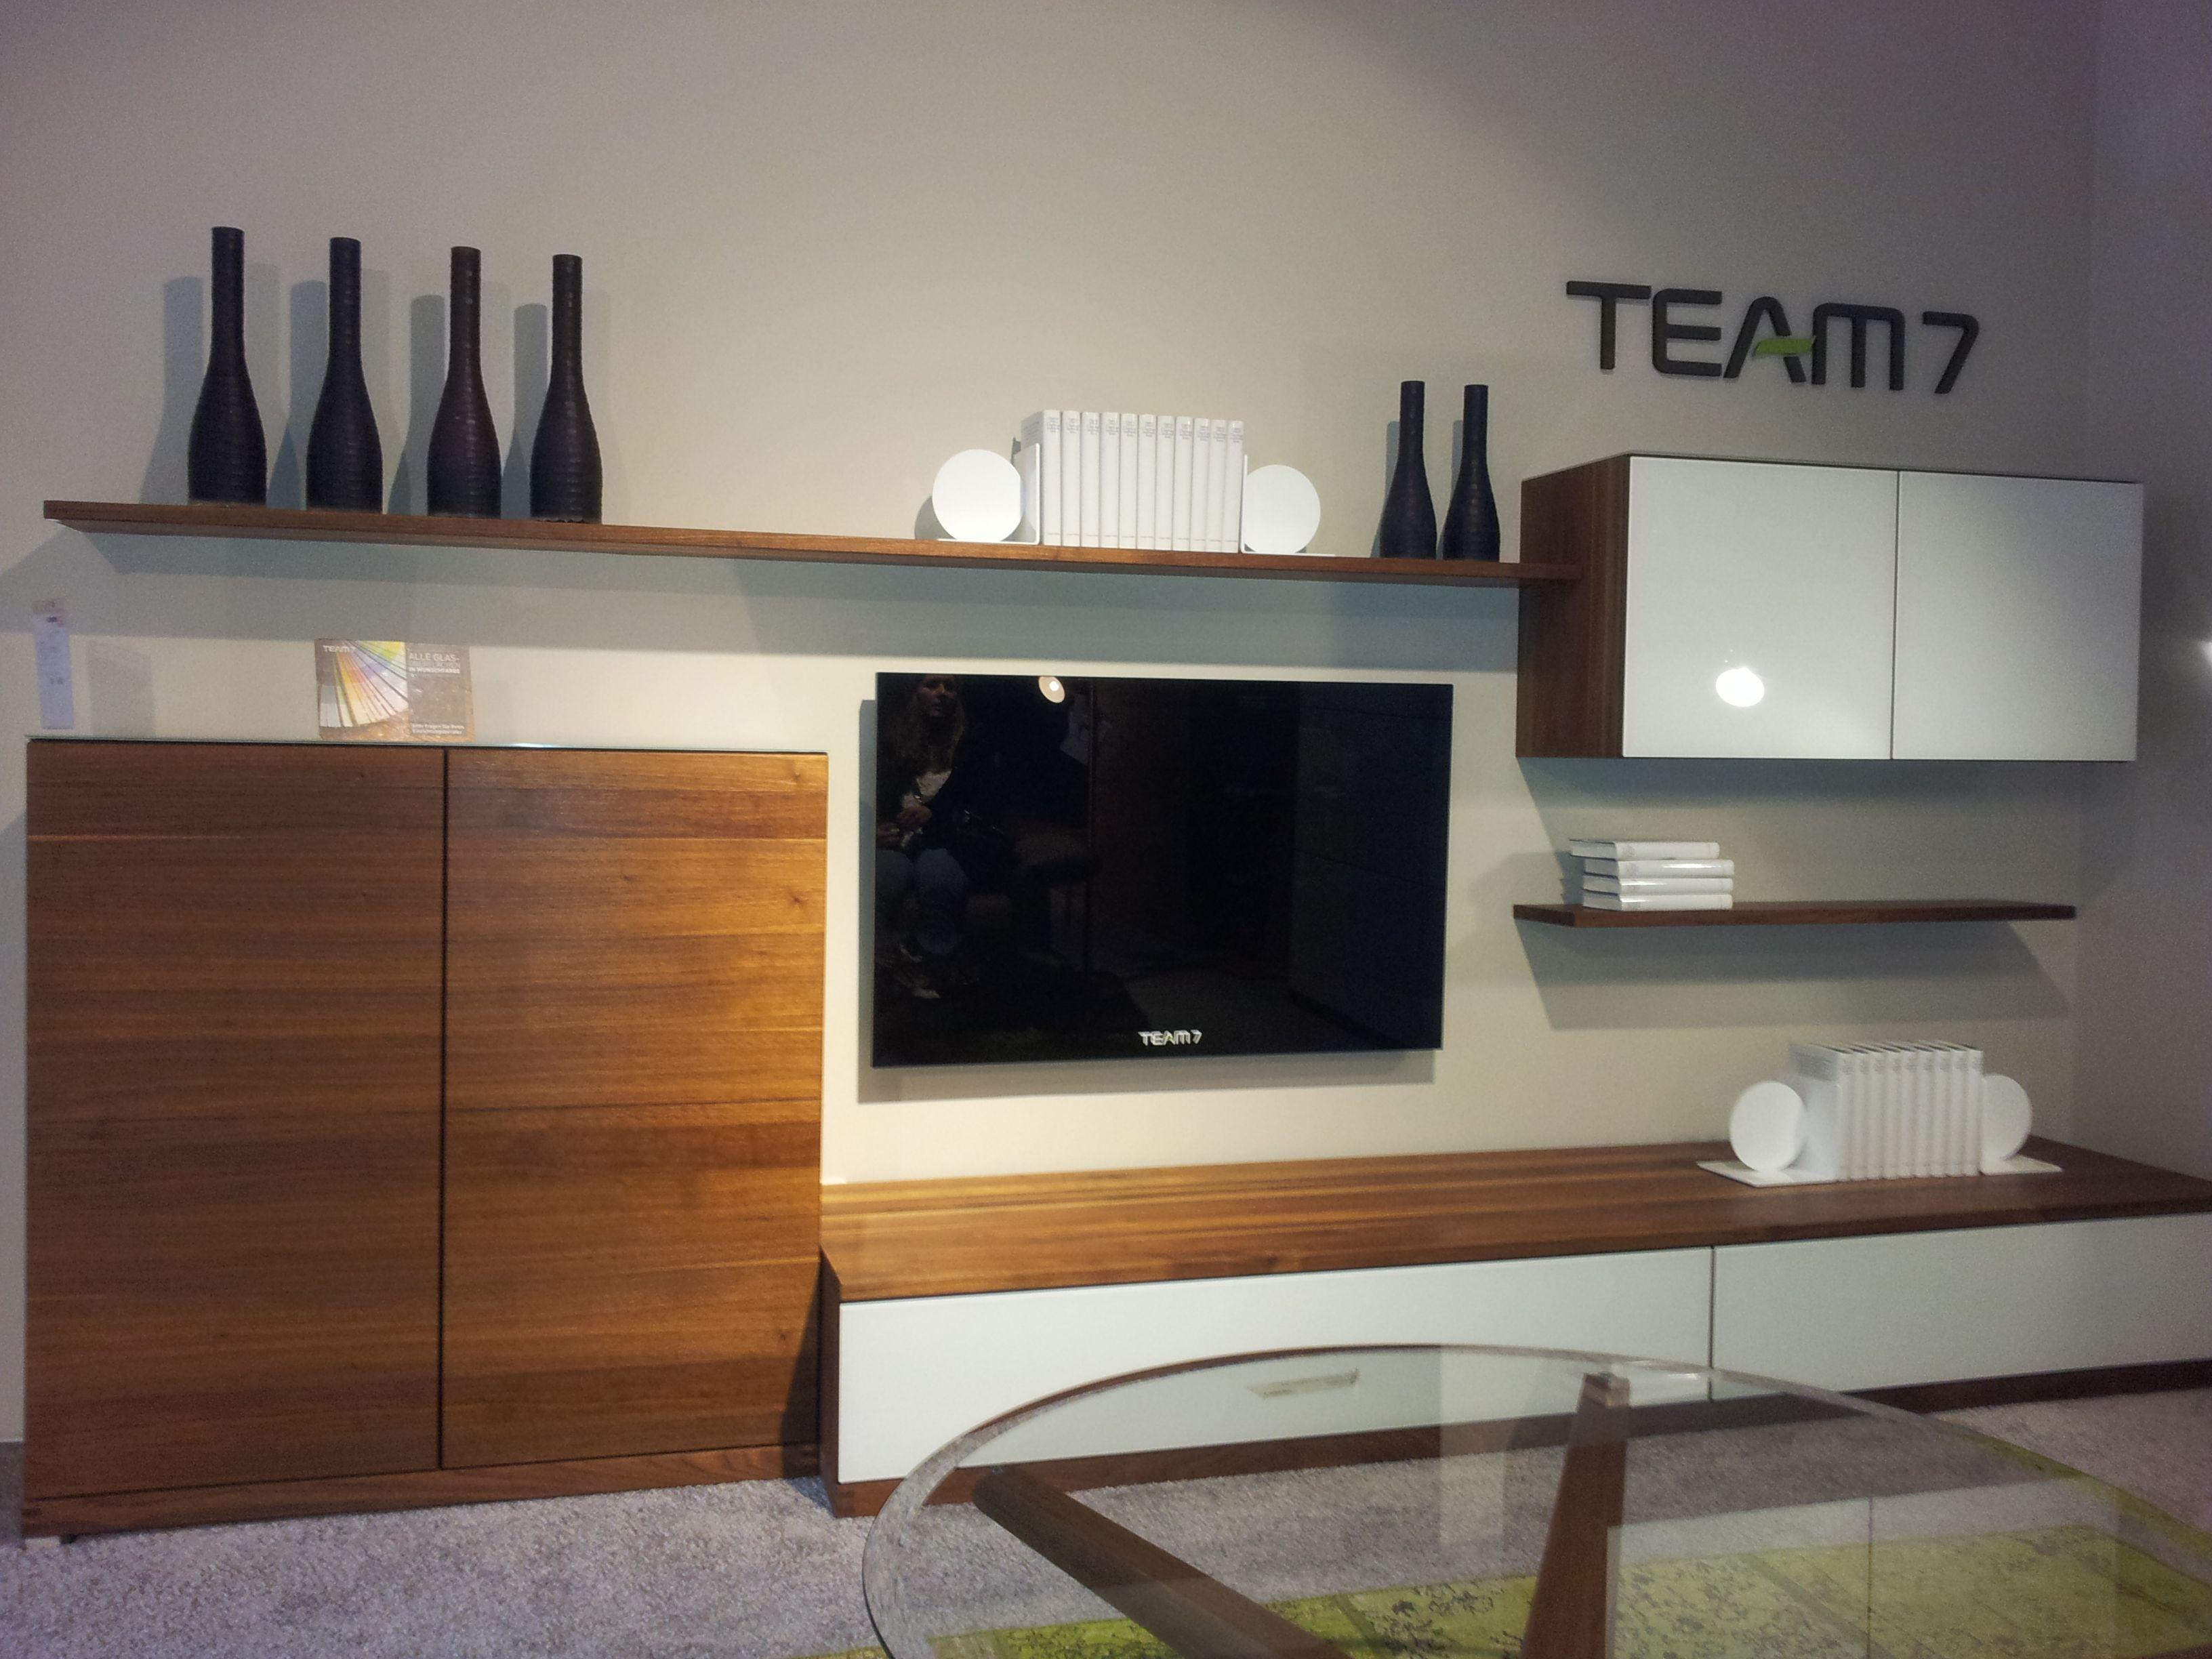 Alter Wohnzimmerschrank ~ Wohnwand team 7 schöne möbel pinterest interiors